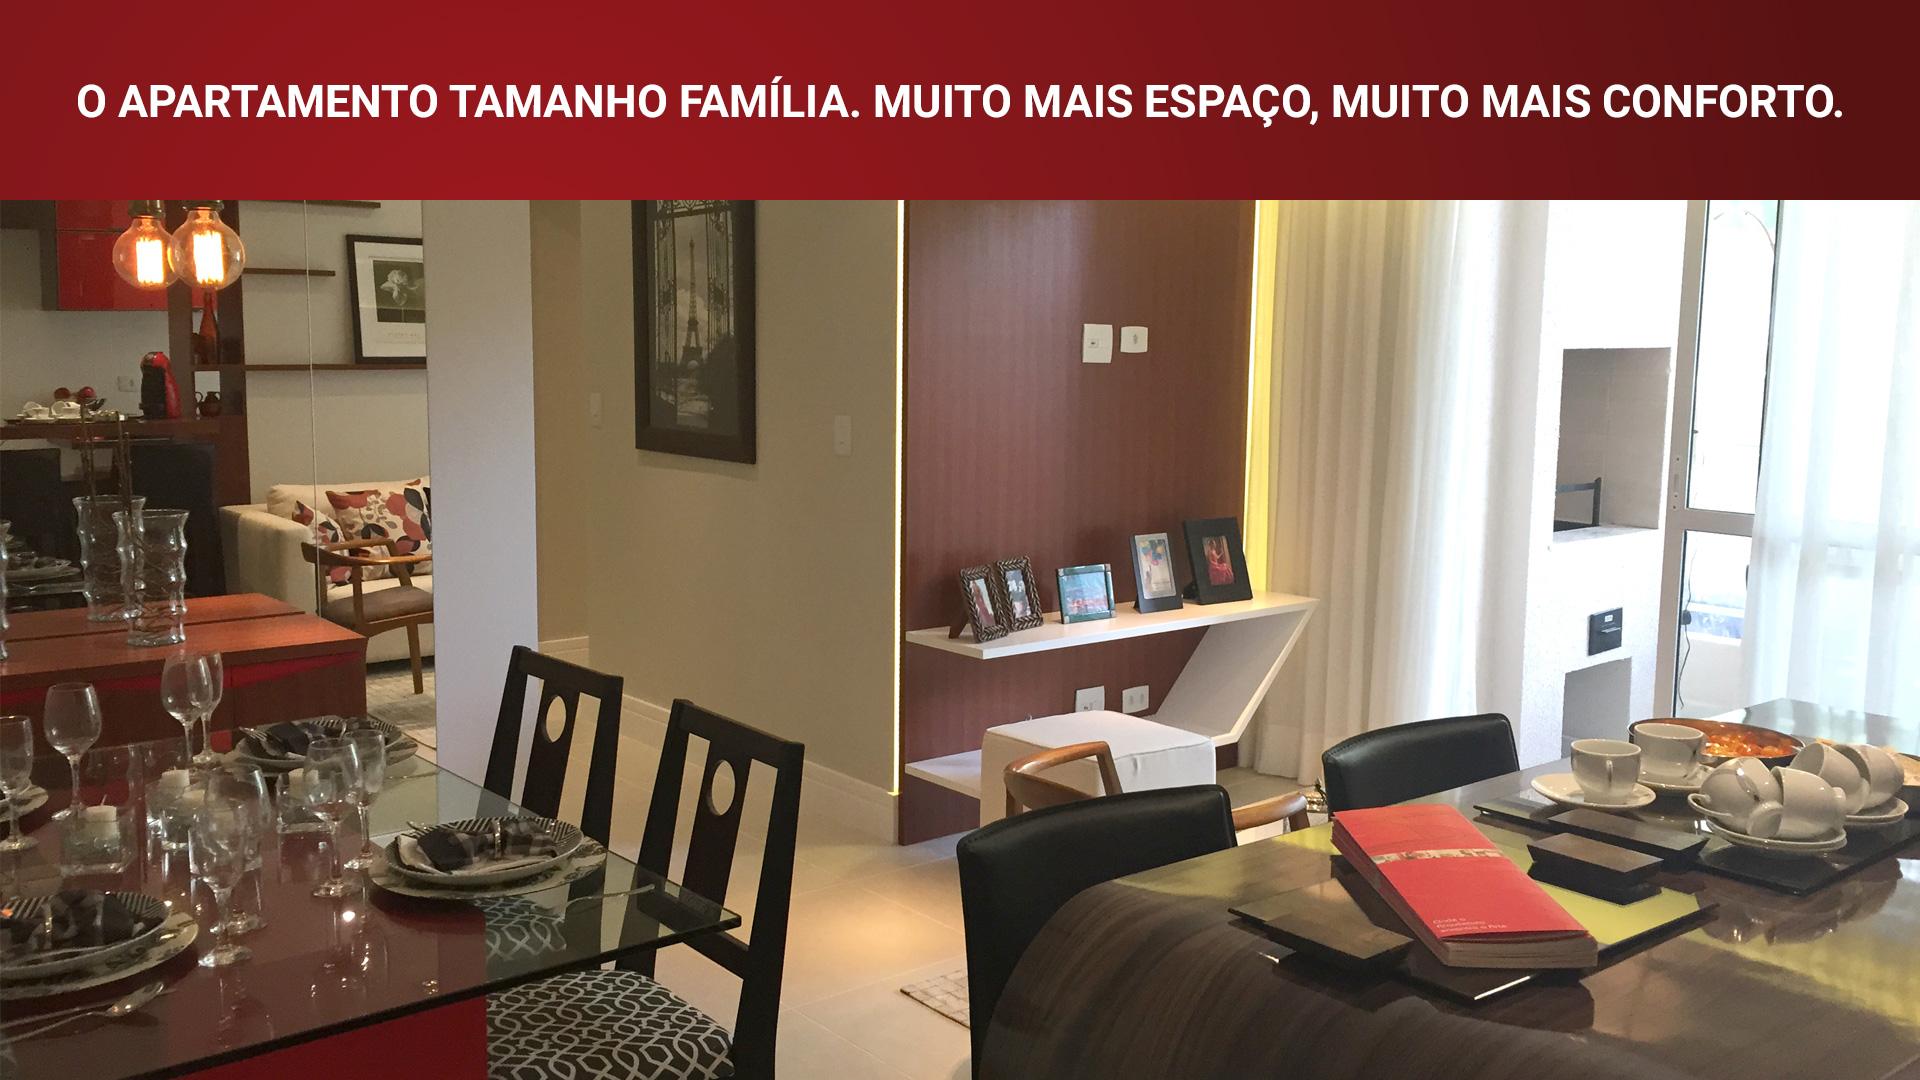 Conheça o apartamento decorado